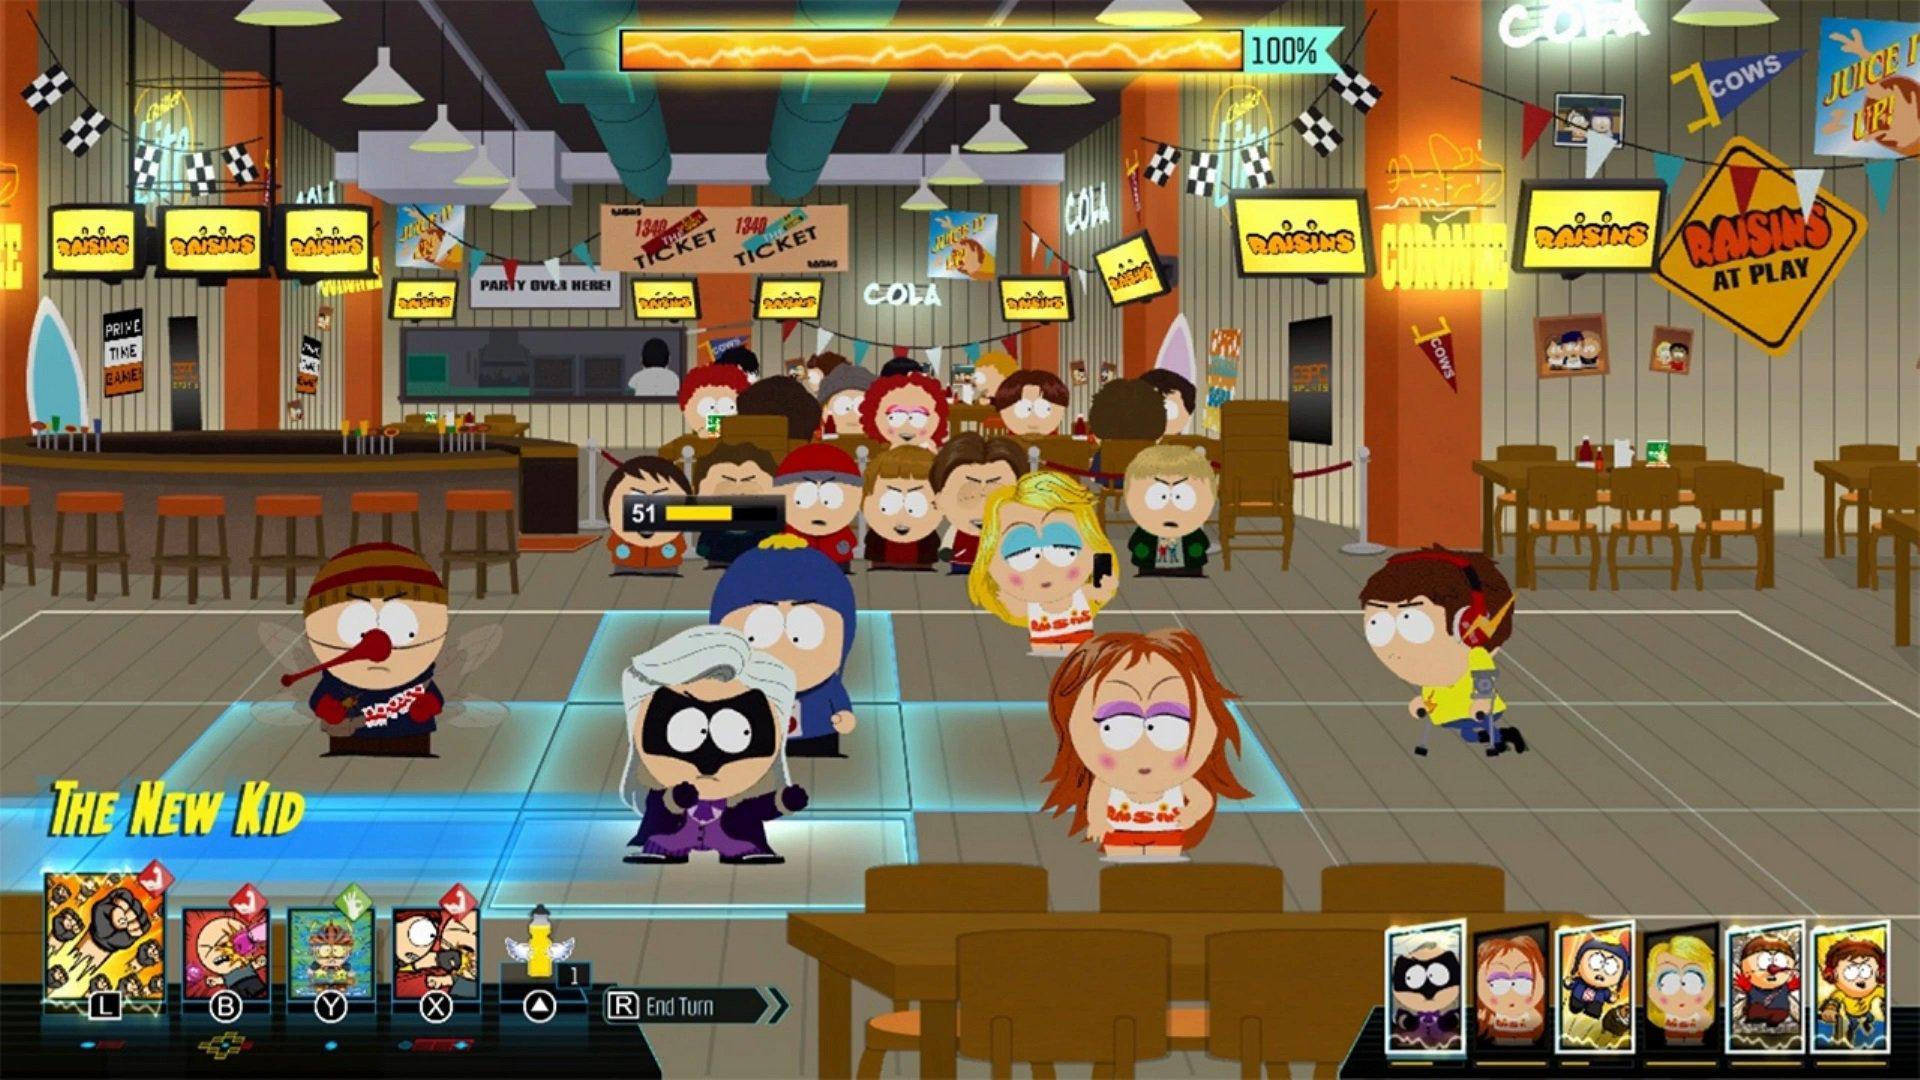 South Park Scontri Di Retti Arriva Su Nintendo Switch La Recensione